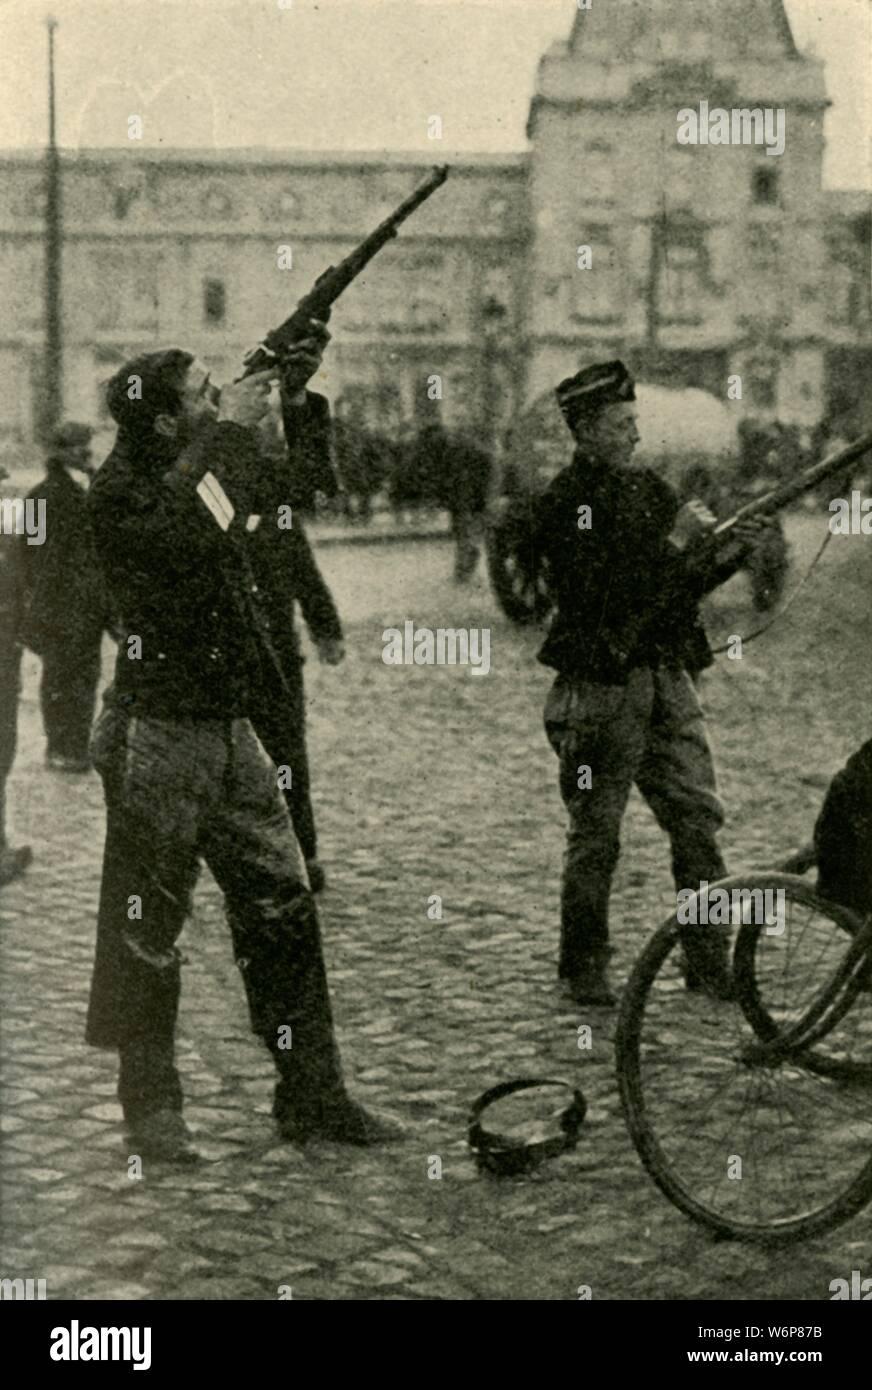 """Les cyclistes militaire belge à tirer sur un avion allemand, Première Guerre mondiale, 1914-1918, (c1920). '...Le tir à un avion allemand c'est voler au-dessus d'Ostende. Un avion à grande vitesse se déplace de plus de 100 pieds en une seconde: ainsi, la difficulté de le frapper avec une balle de fusil peut être imaginé."""" De """"La Grande Guerre - une histoire"""" Volume I, édité par Frank UN Mumby. [Le Gresham Publishing Company Ltd, London, c1920] Banque D'Images"""